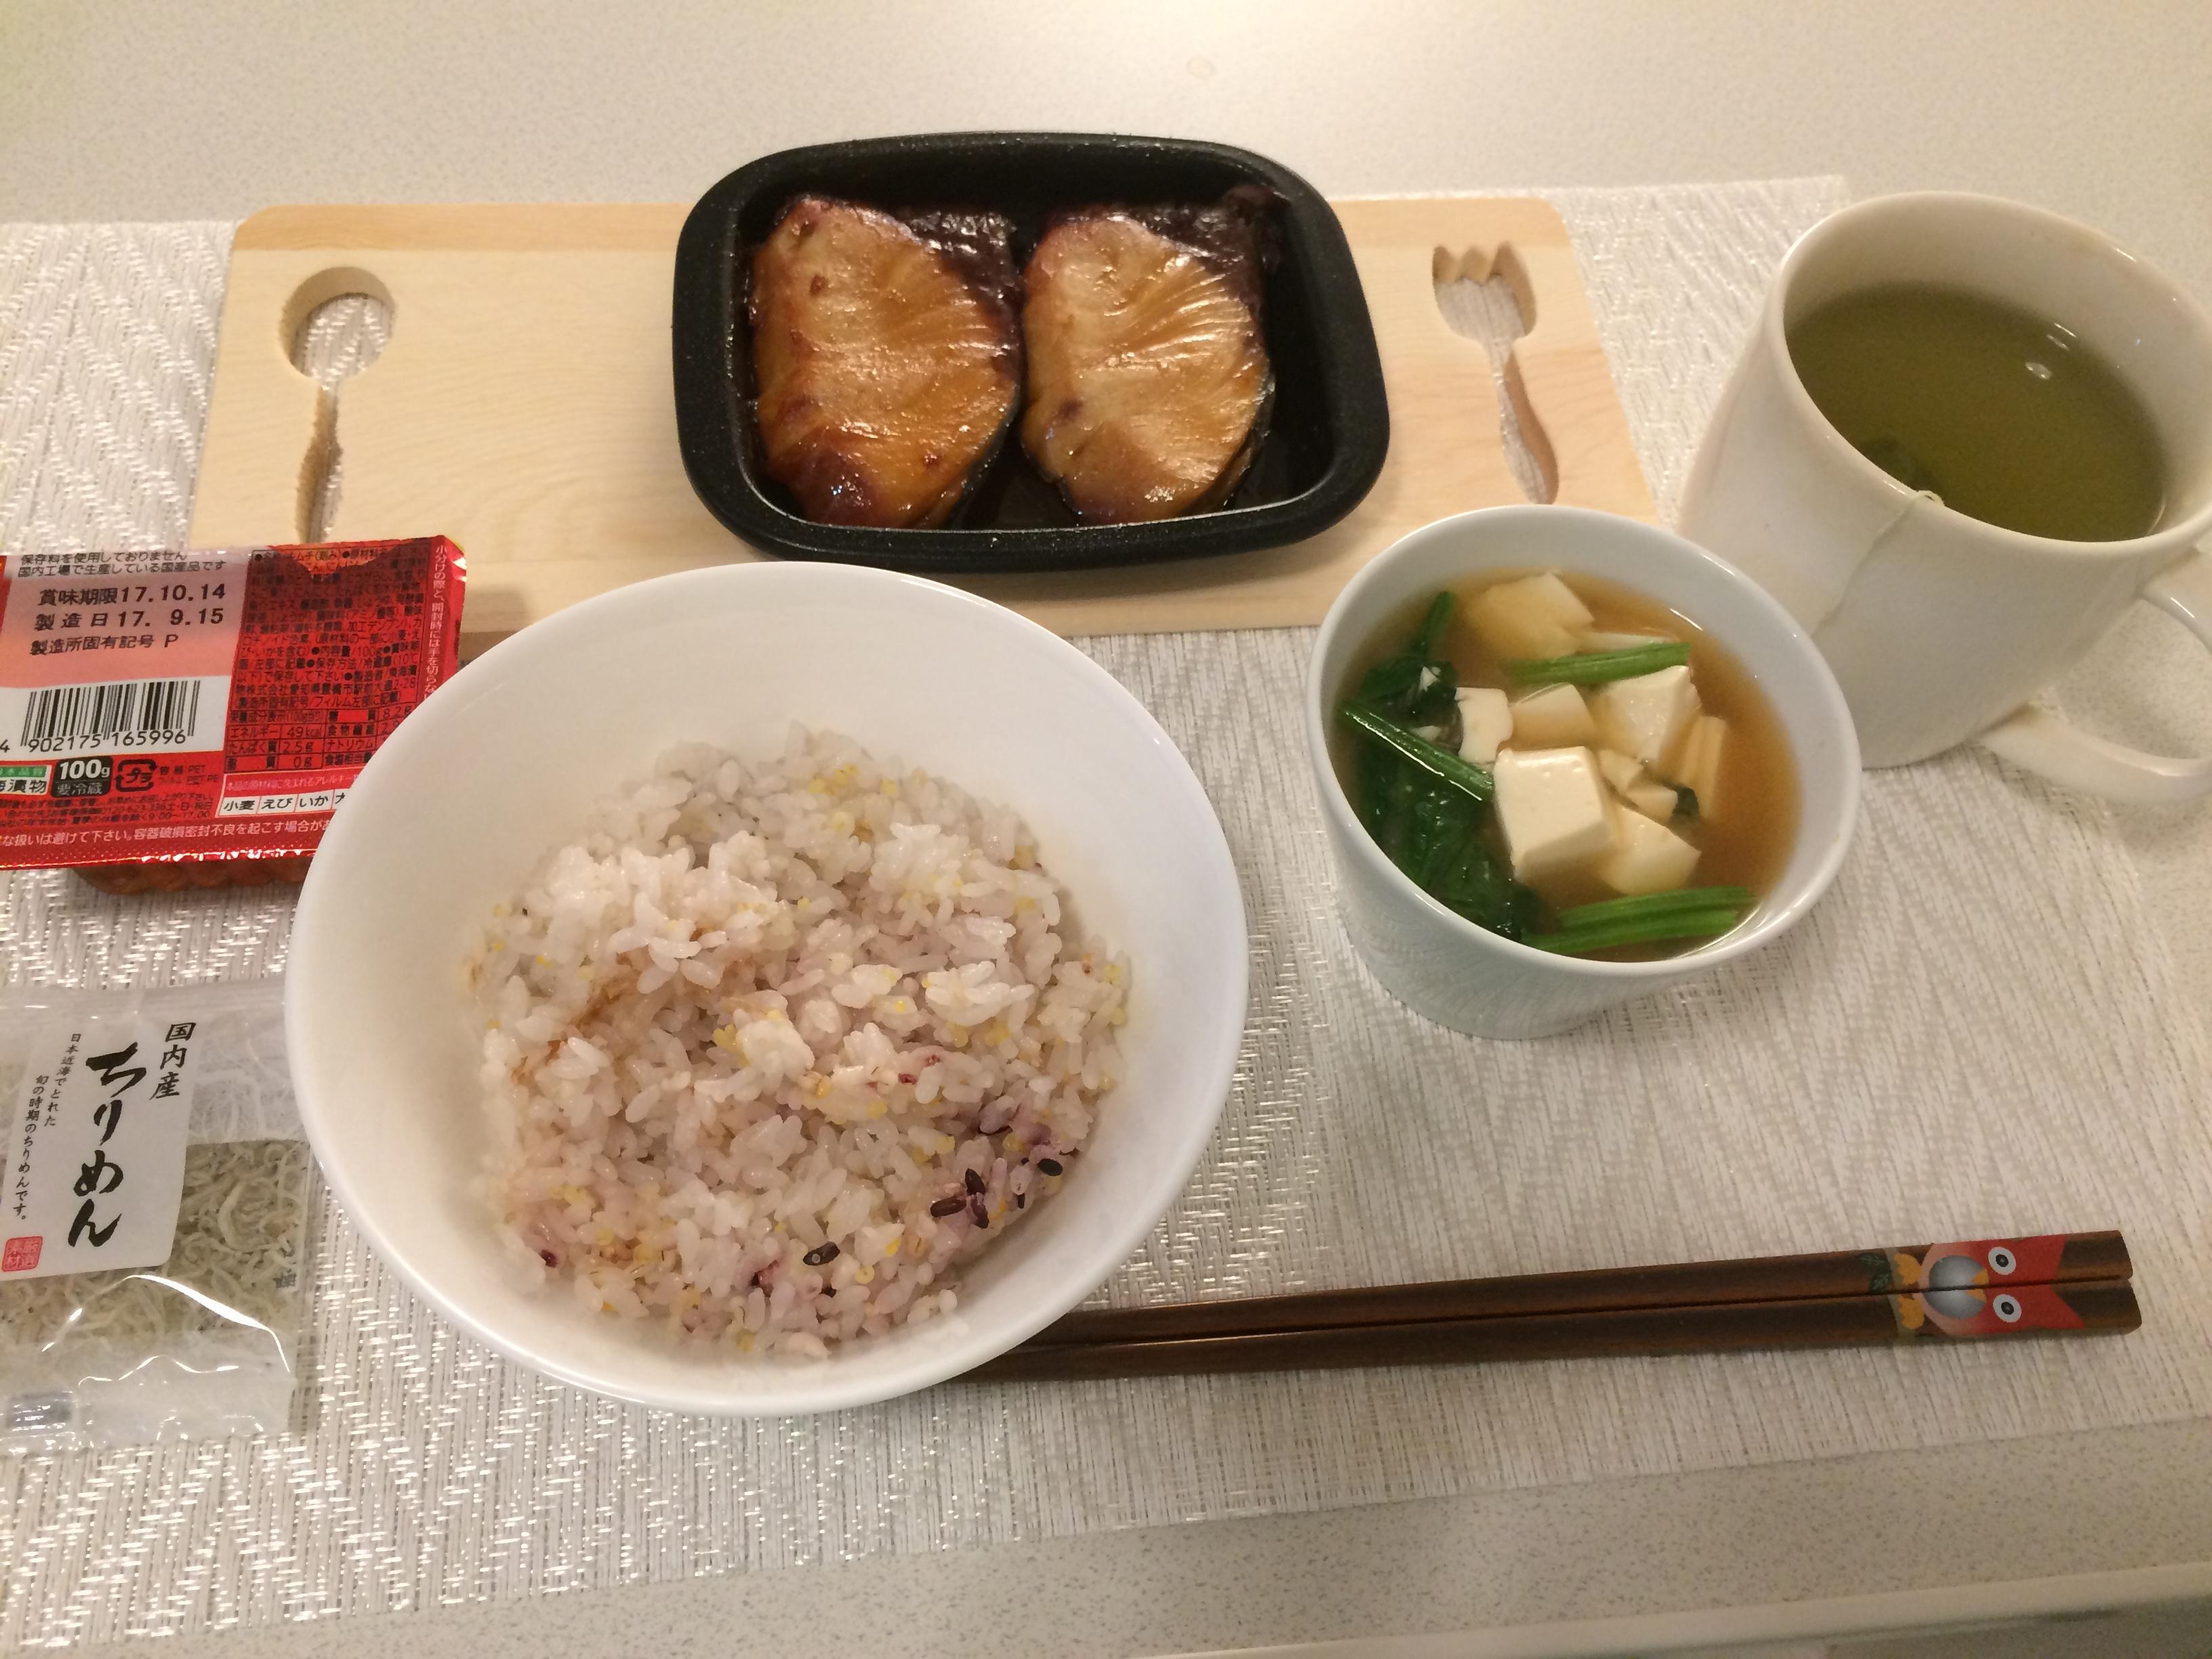 主婦をやめて一人暮らしを始めました(13)  劇狭台所の「一人ご飯」料理術